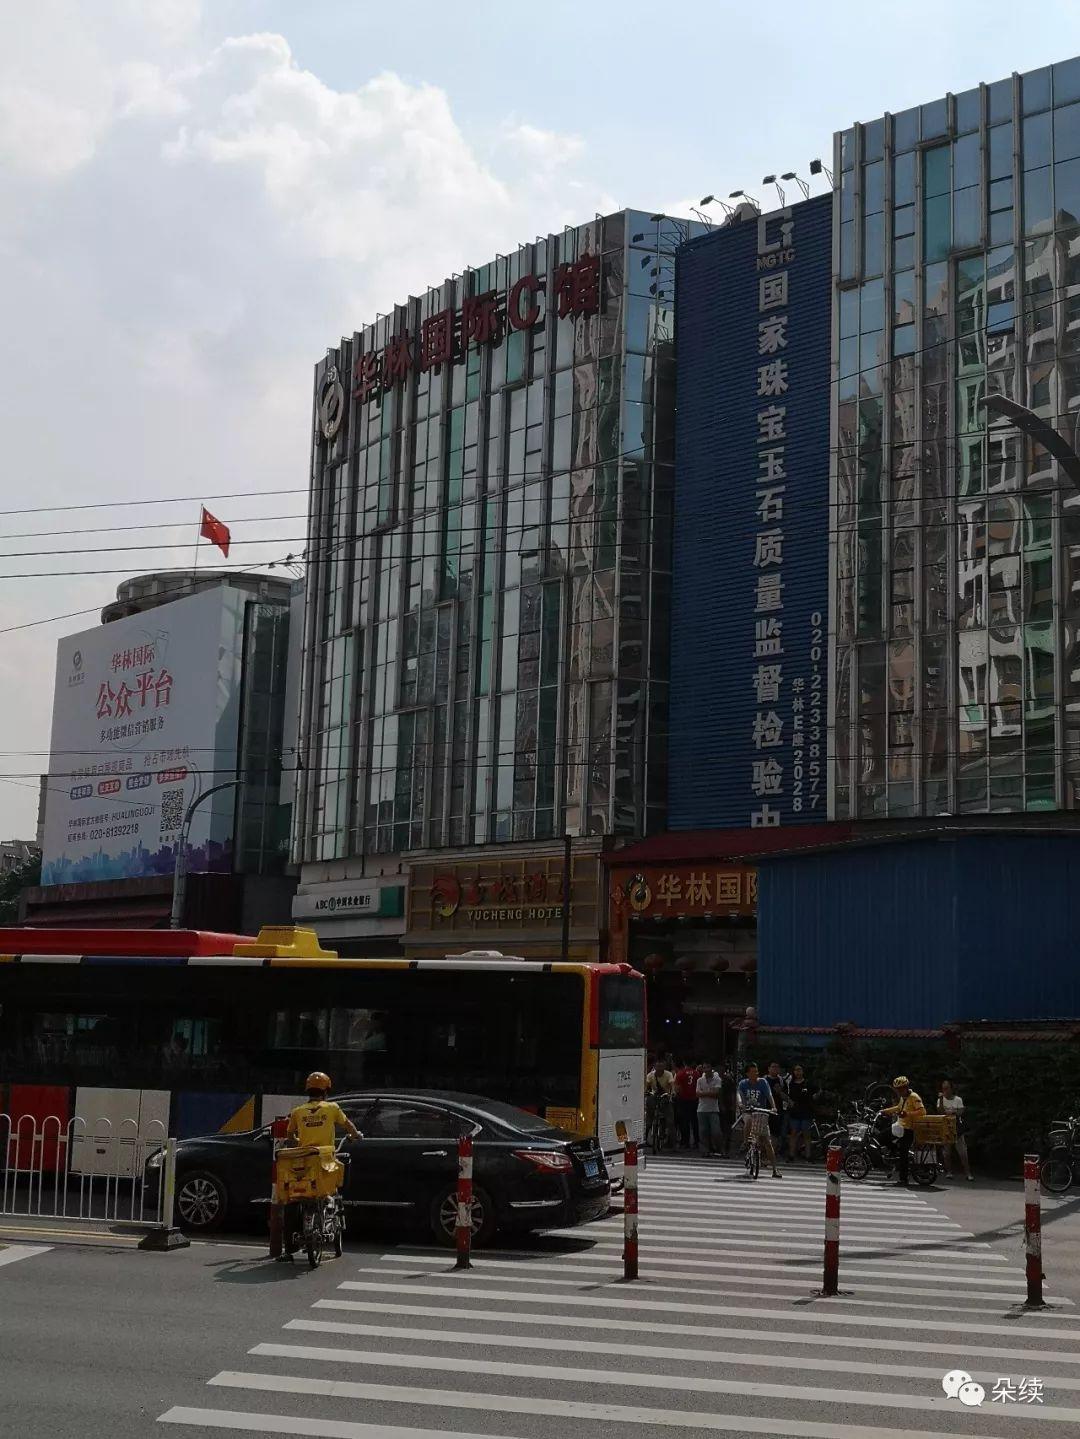 广州珠宝批发市场_广州佛山,翡翠加工批发地,走一波,淘货乐趣_珠宝